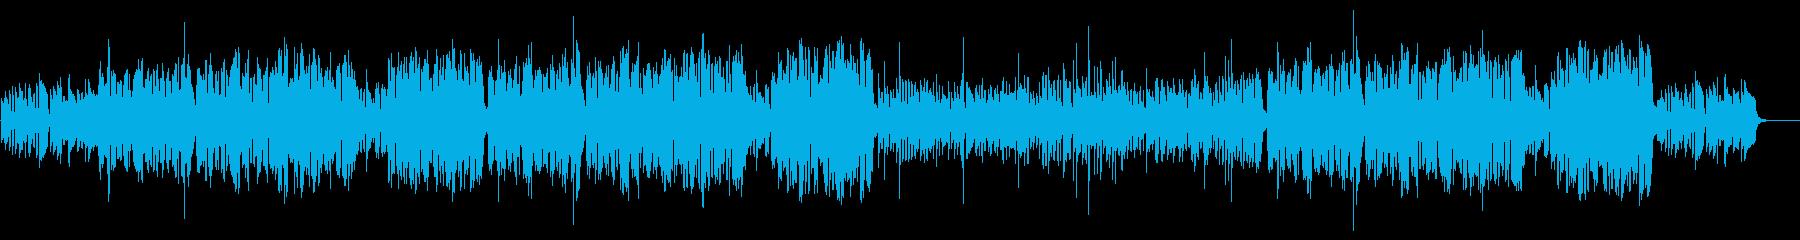 冬の楽しげな日常、リズミカルなBGMの再生済みの波形